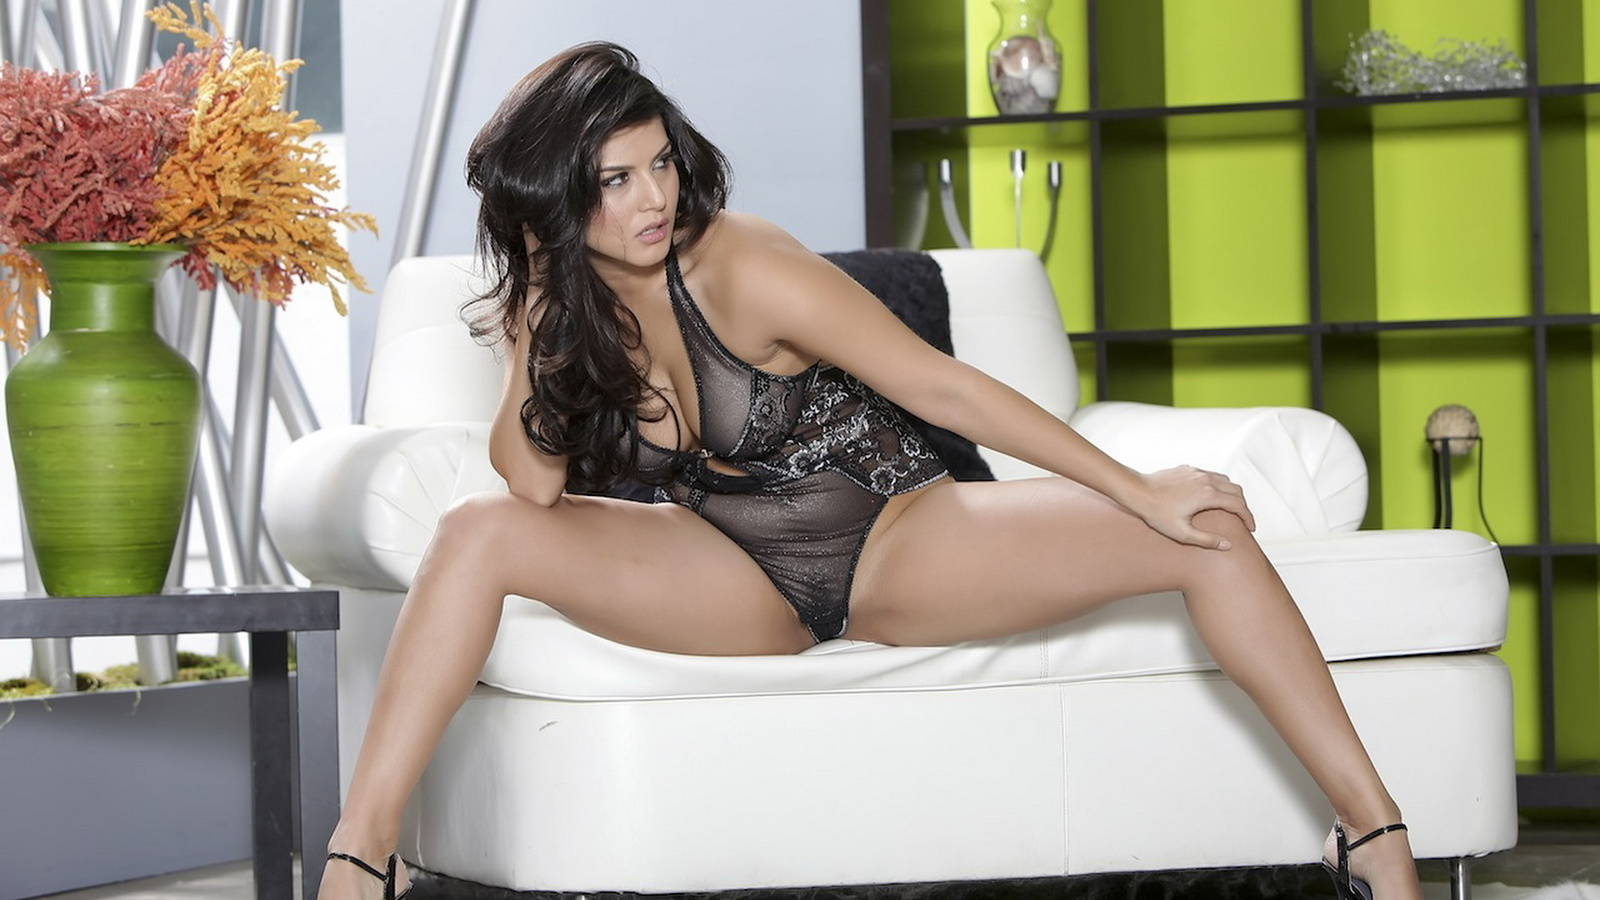 Секс по скаеп, Виртуальный Секс в Скайпе с Девушками 13 фотография